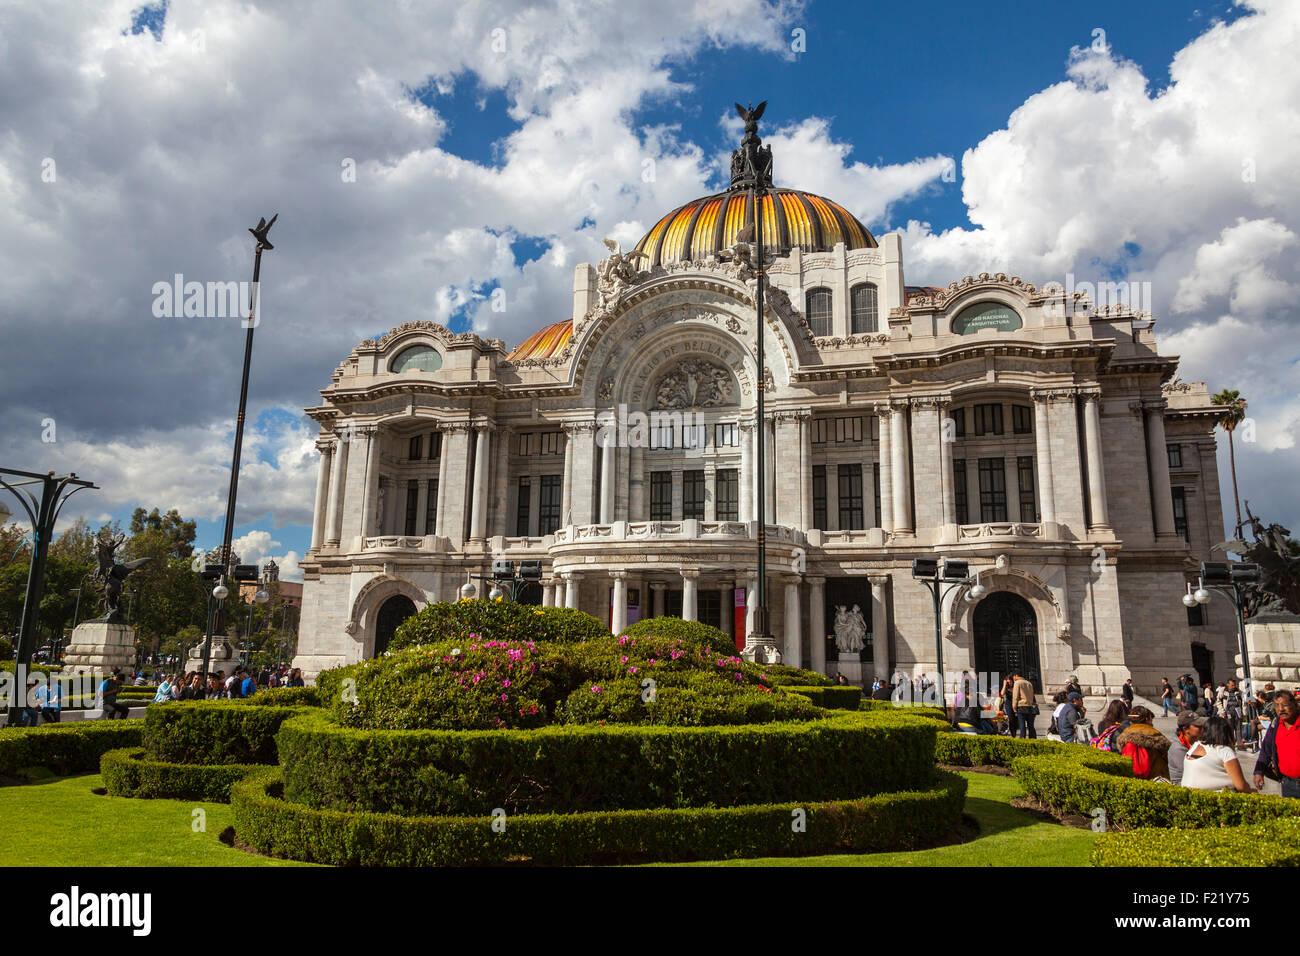 Palacio de Bellas Artes art museum and opera house Mexico City Federal District DF North America - Stock Image